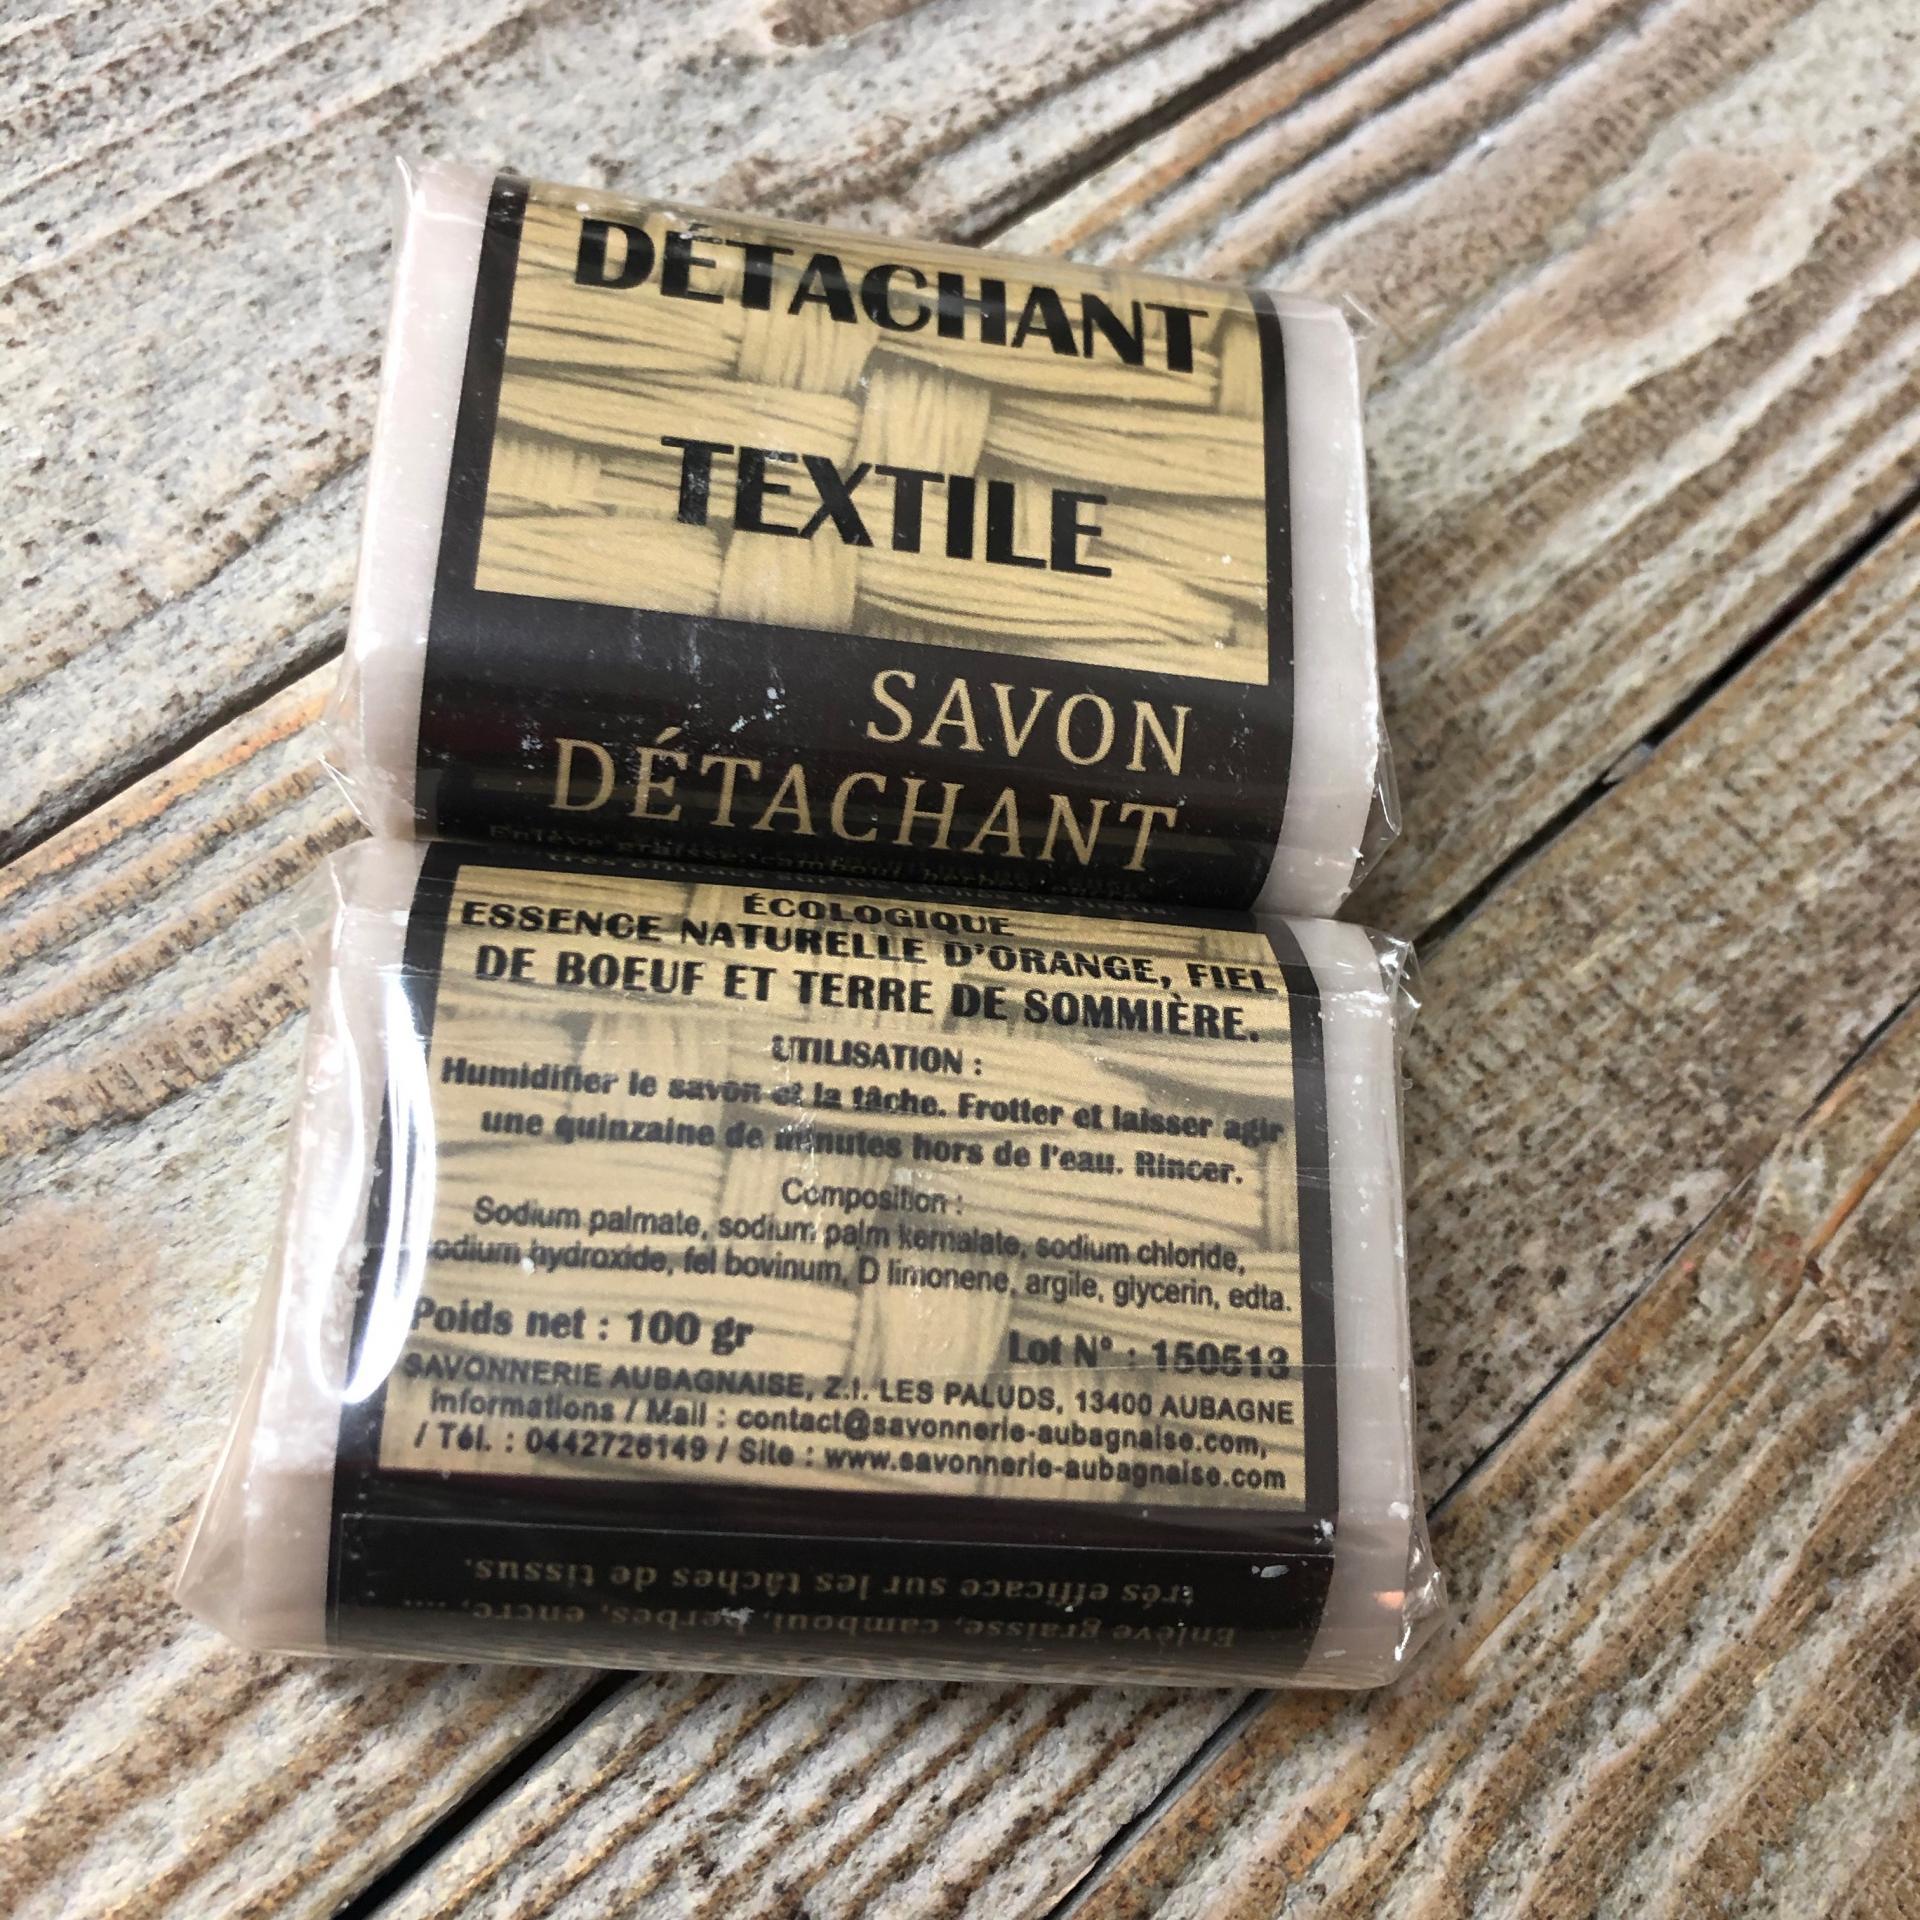 Savon de tachant textile